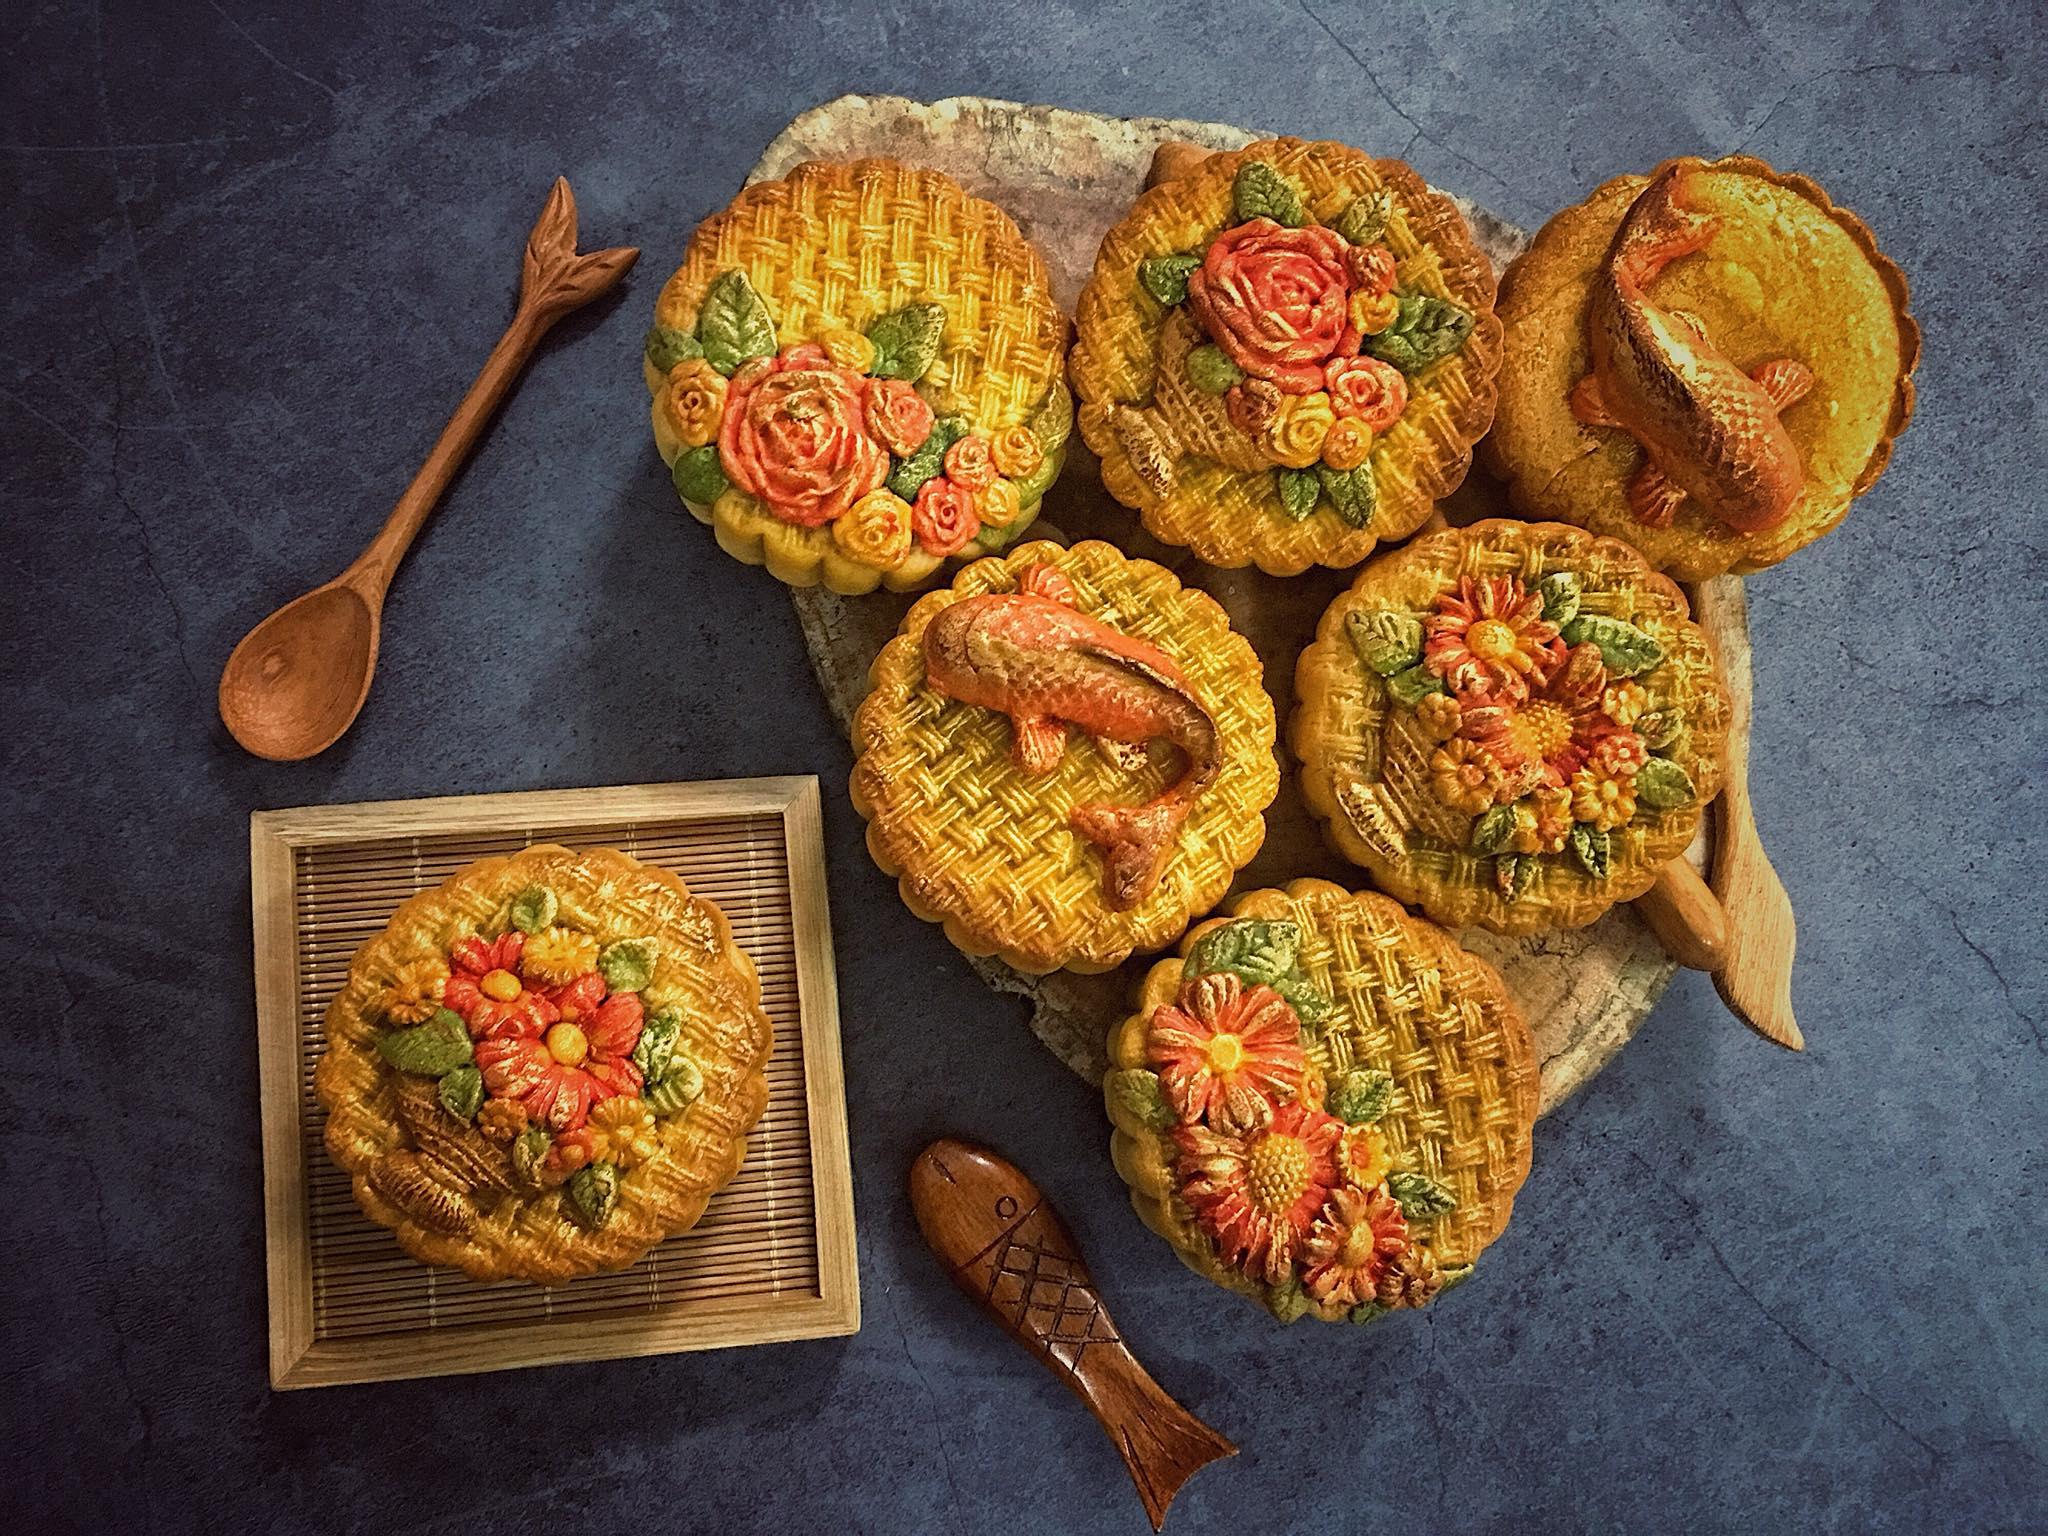 những chiếc bánh trung thu 7 những chiếc bánh trung thu Những chiếc bánh Trung thu đẹp nức nở mà chẳng nỡ ăn nhung chiec banh trung thu 7